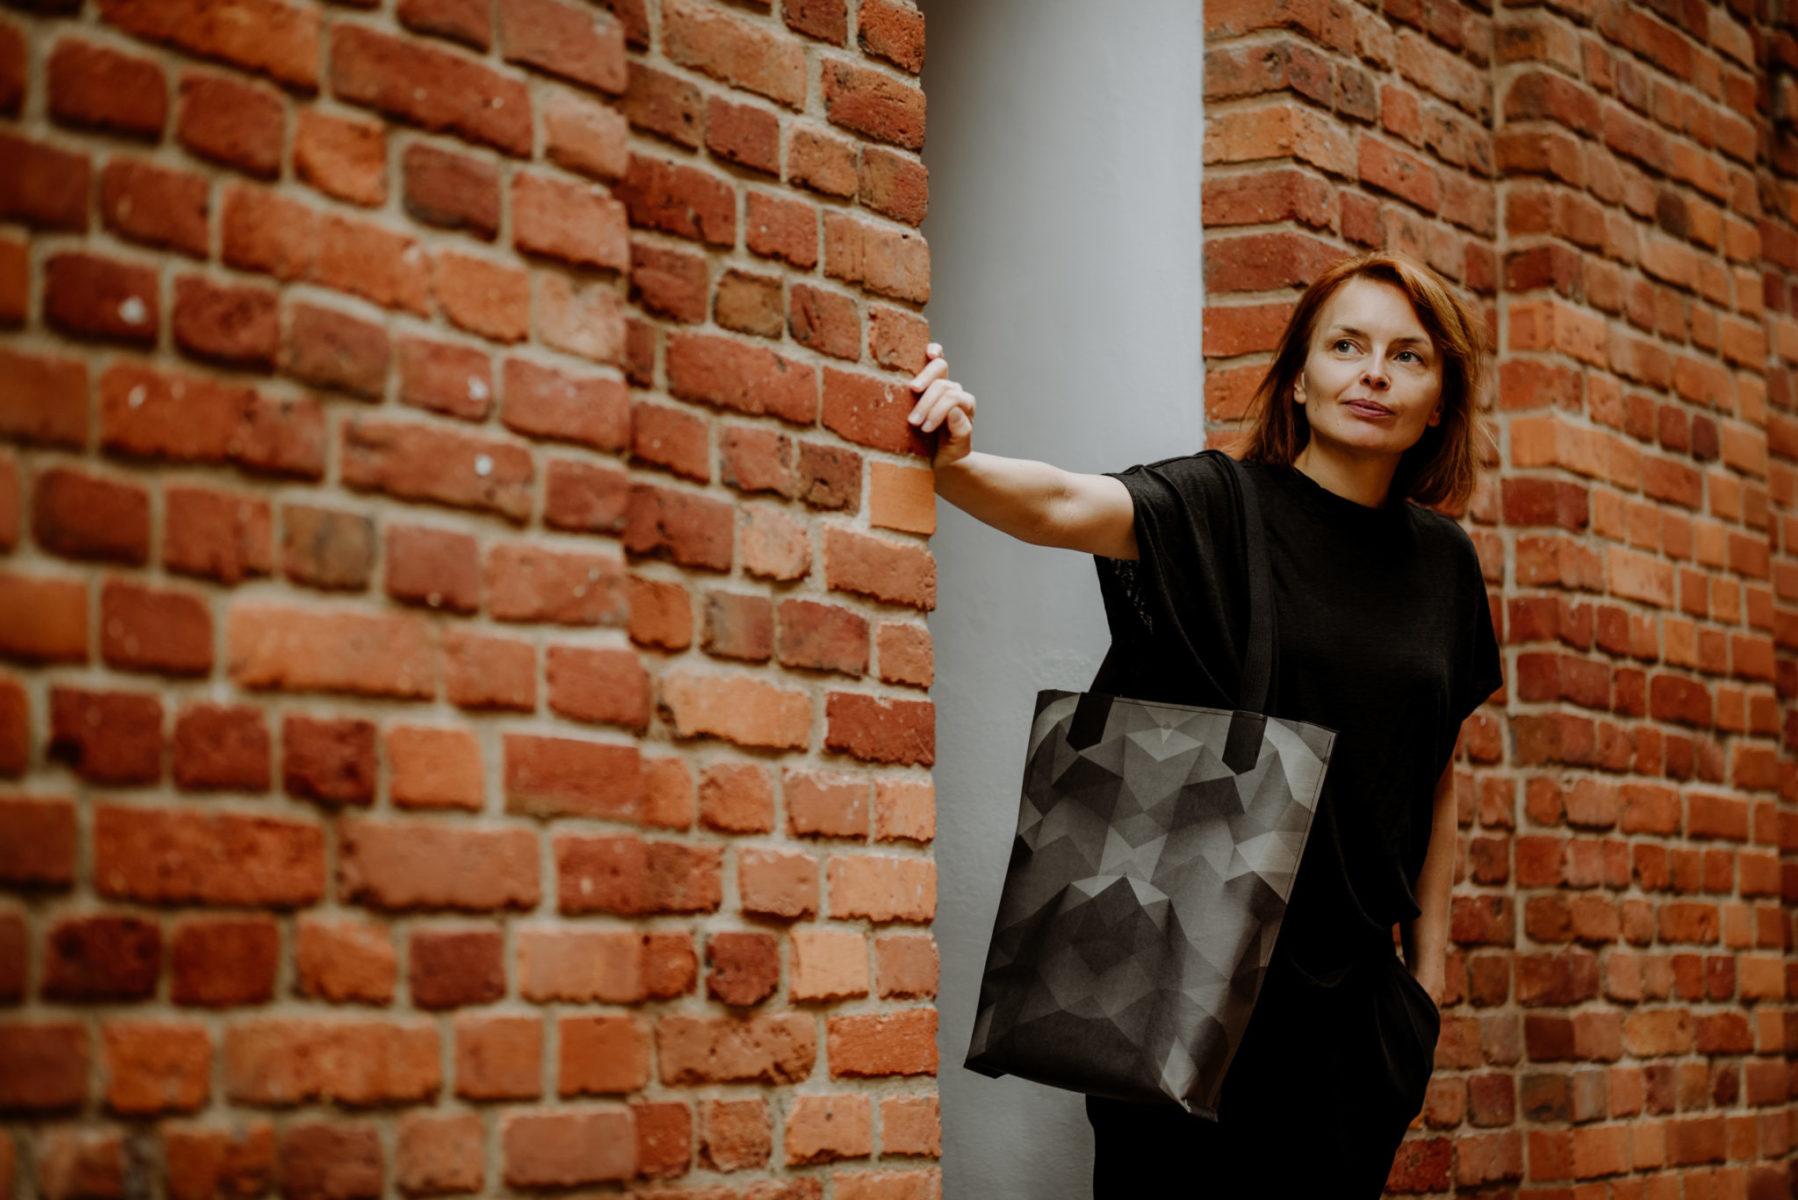 Duża prosta torba wegańska z papieru z printem grafitowym. Torba na ramie z dwoma uchami.